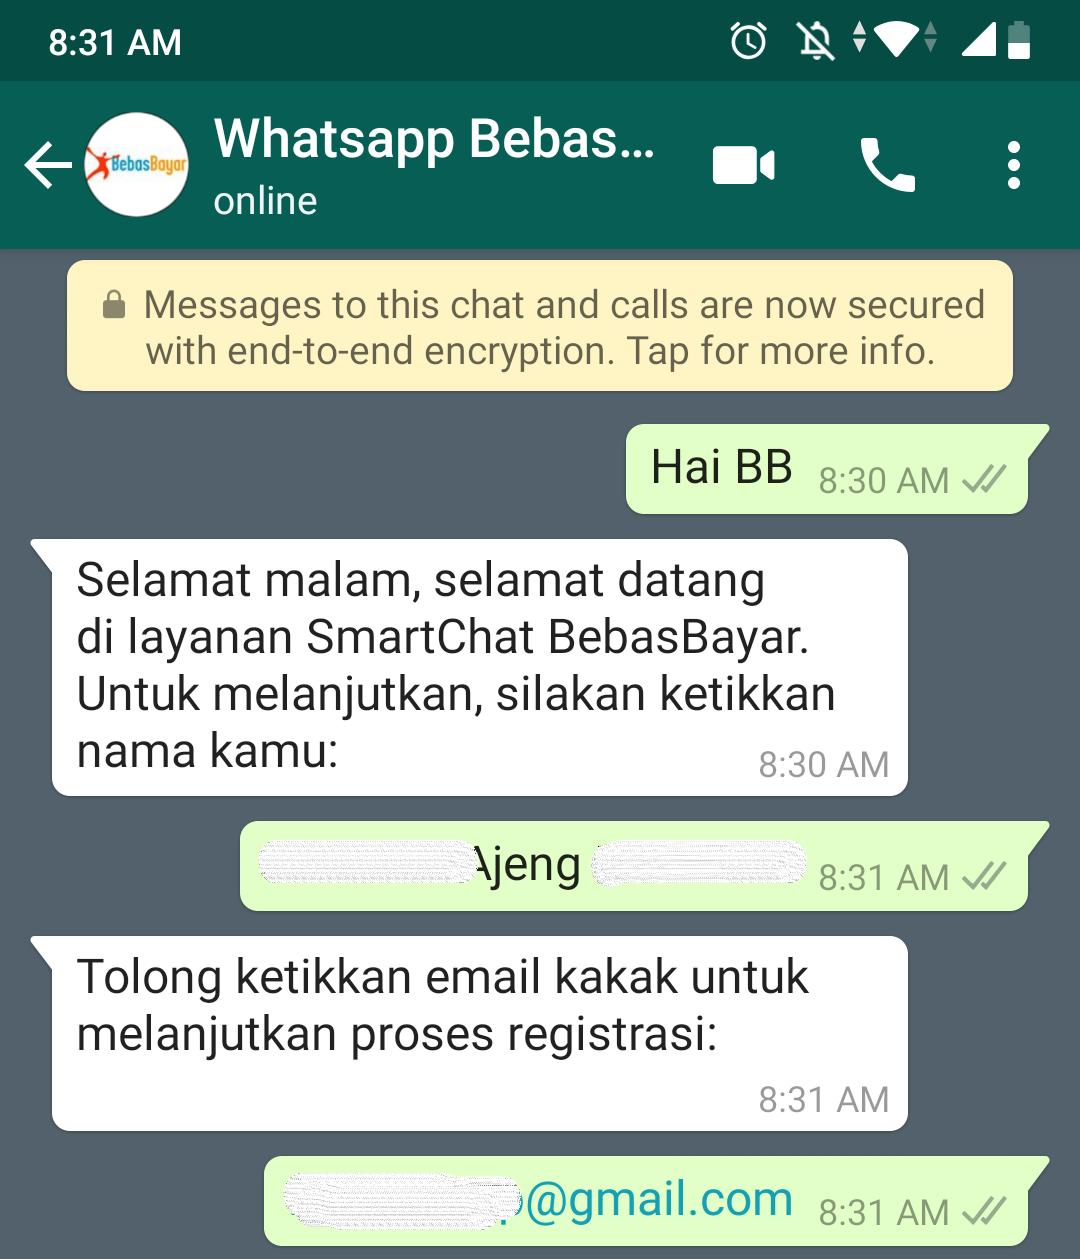 Cara Menggunakan Whatsapp BebasBayar 2